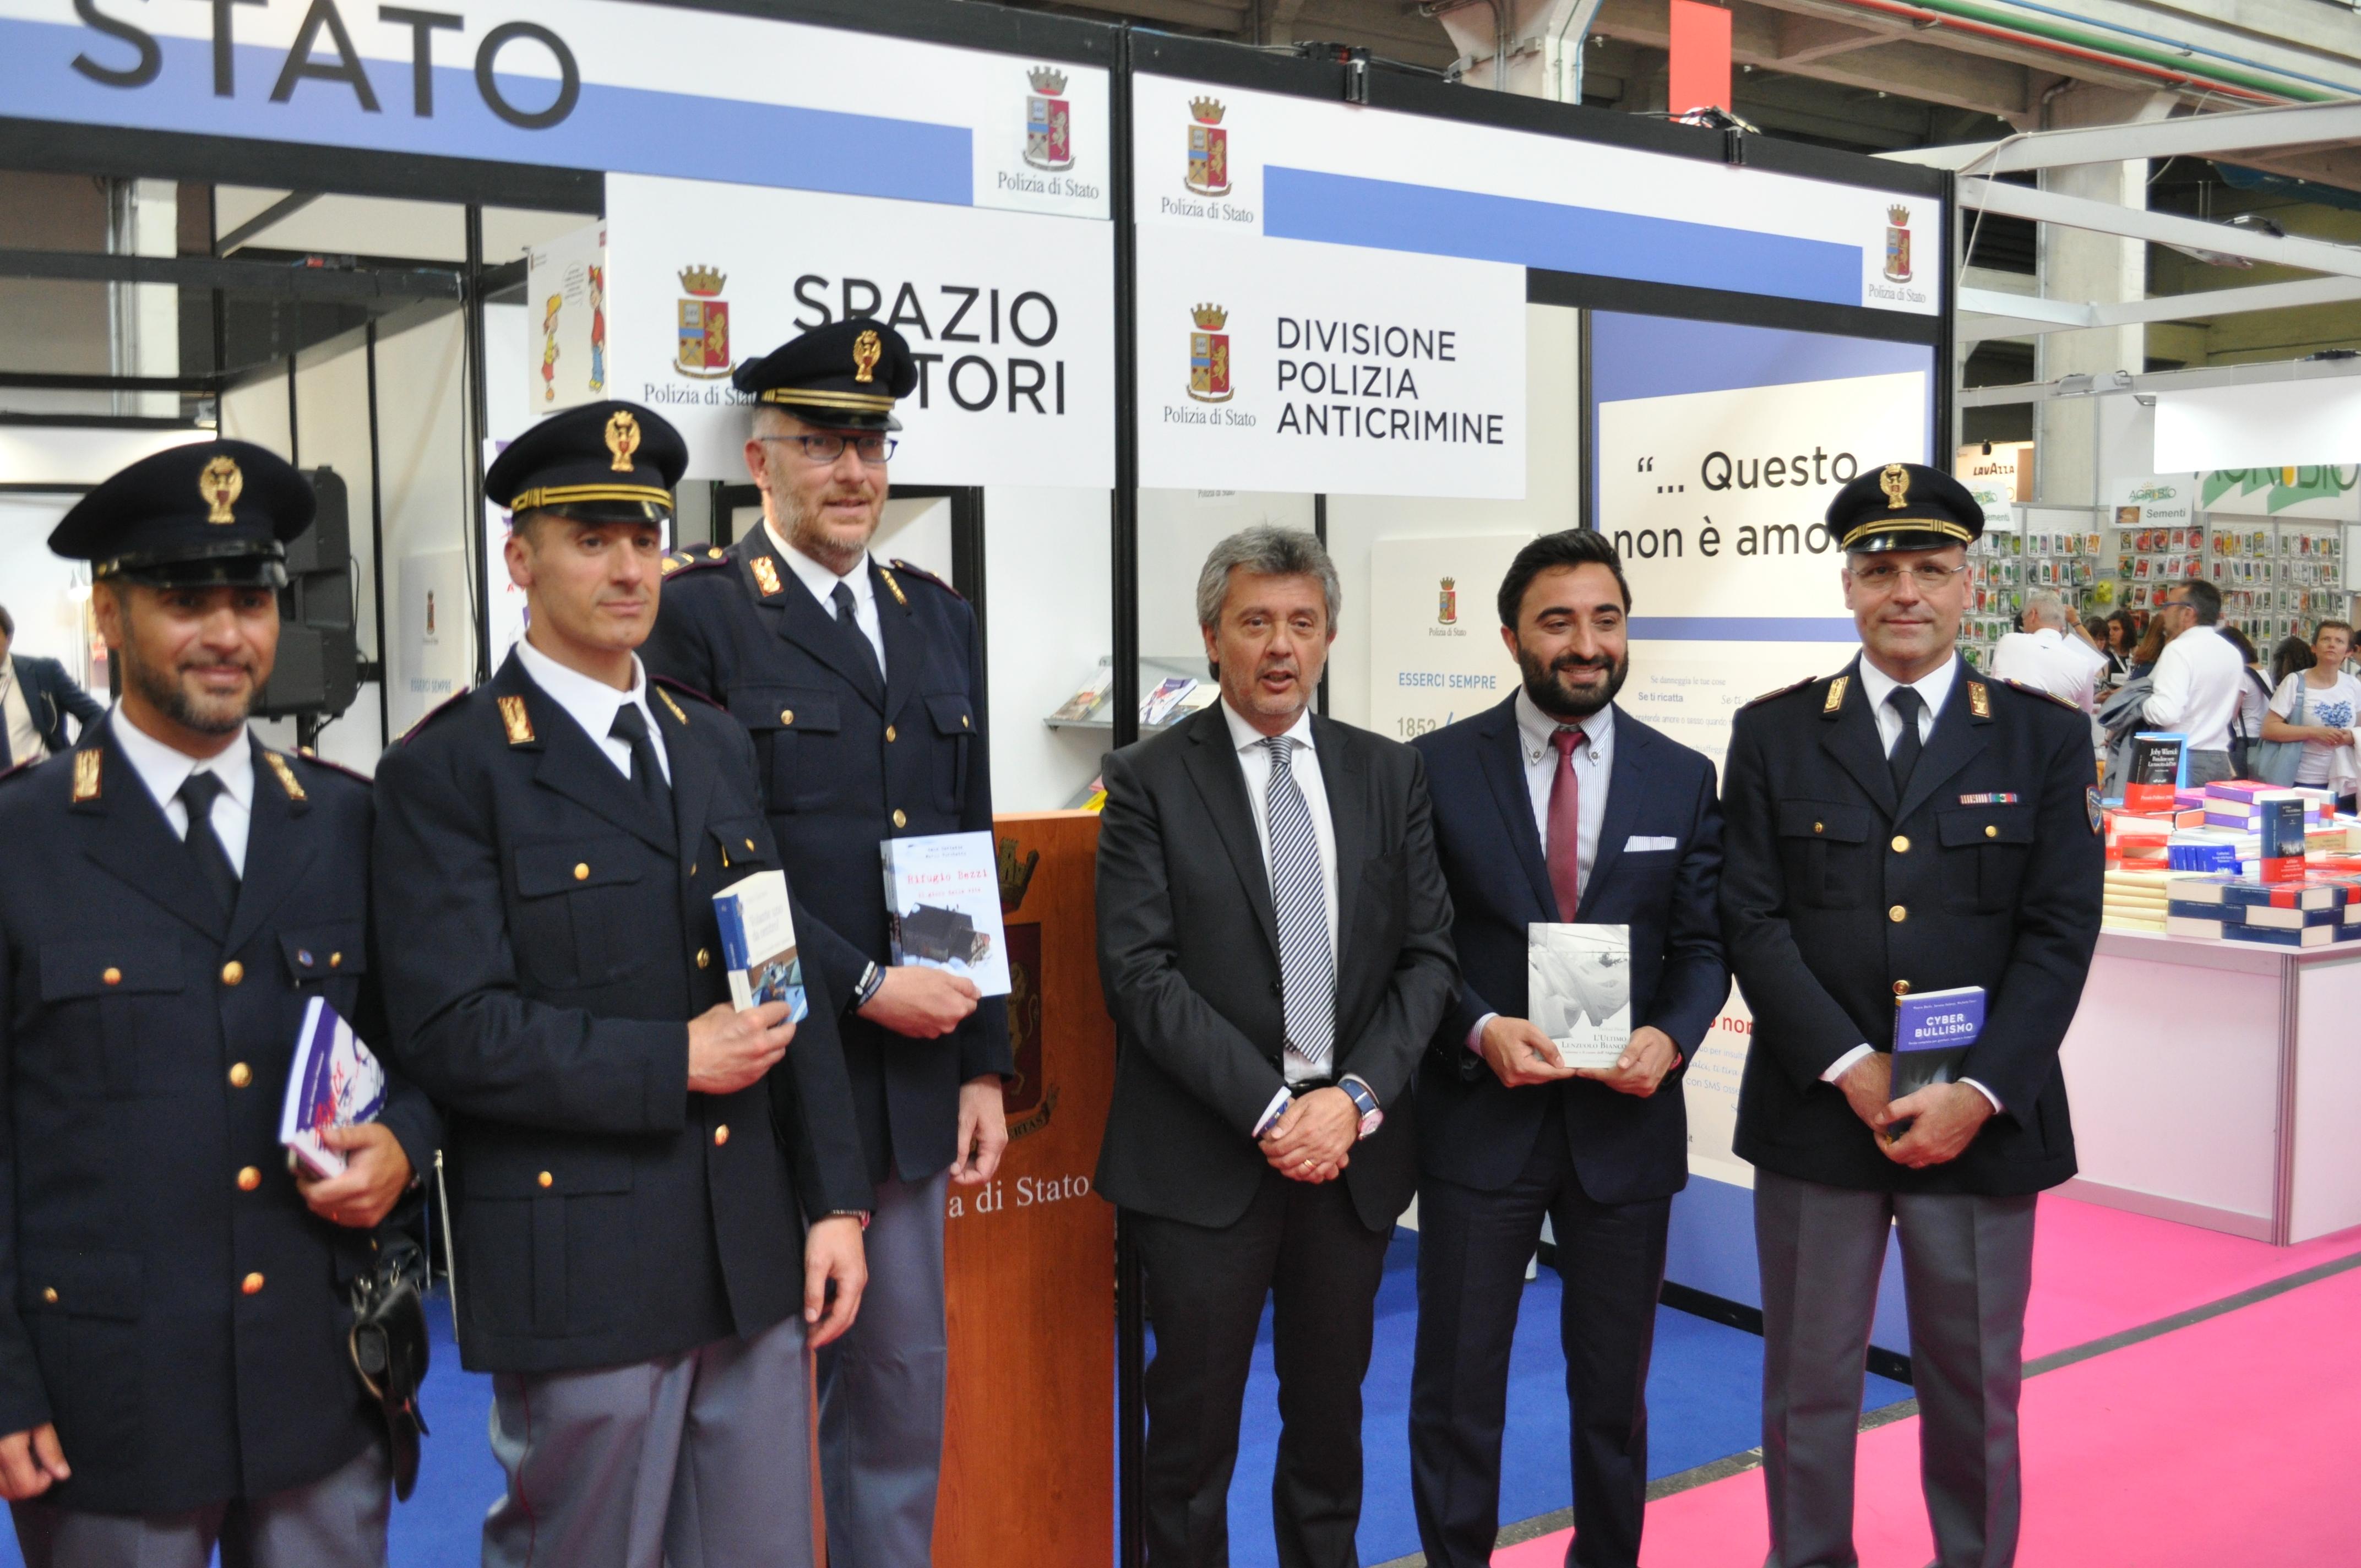 30 salone internazione del libro di torino for Polizia di stato torino permesso di soggiorno